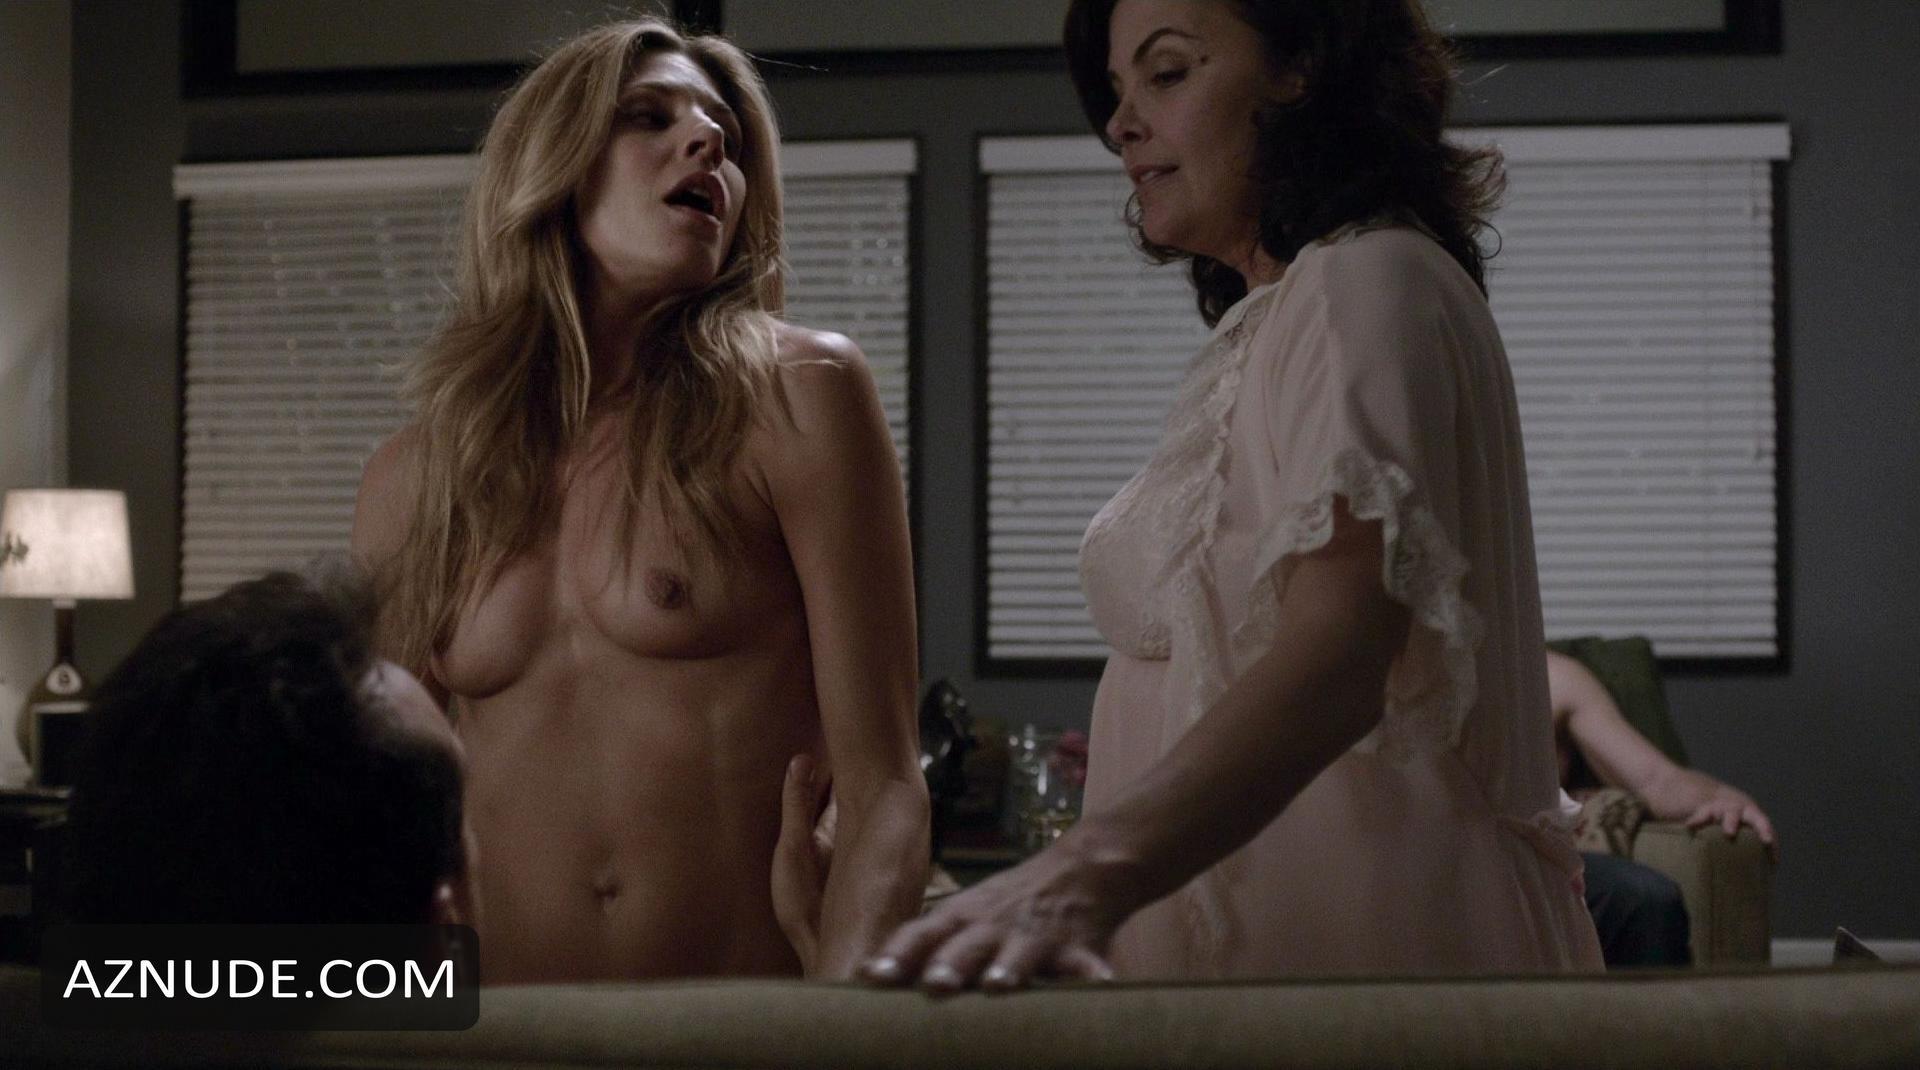 Hot Sherilyn Fenn Nude  Hot Girl Hd Wallpaper-6231